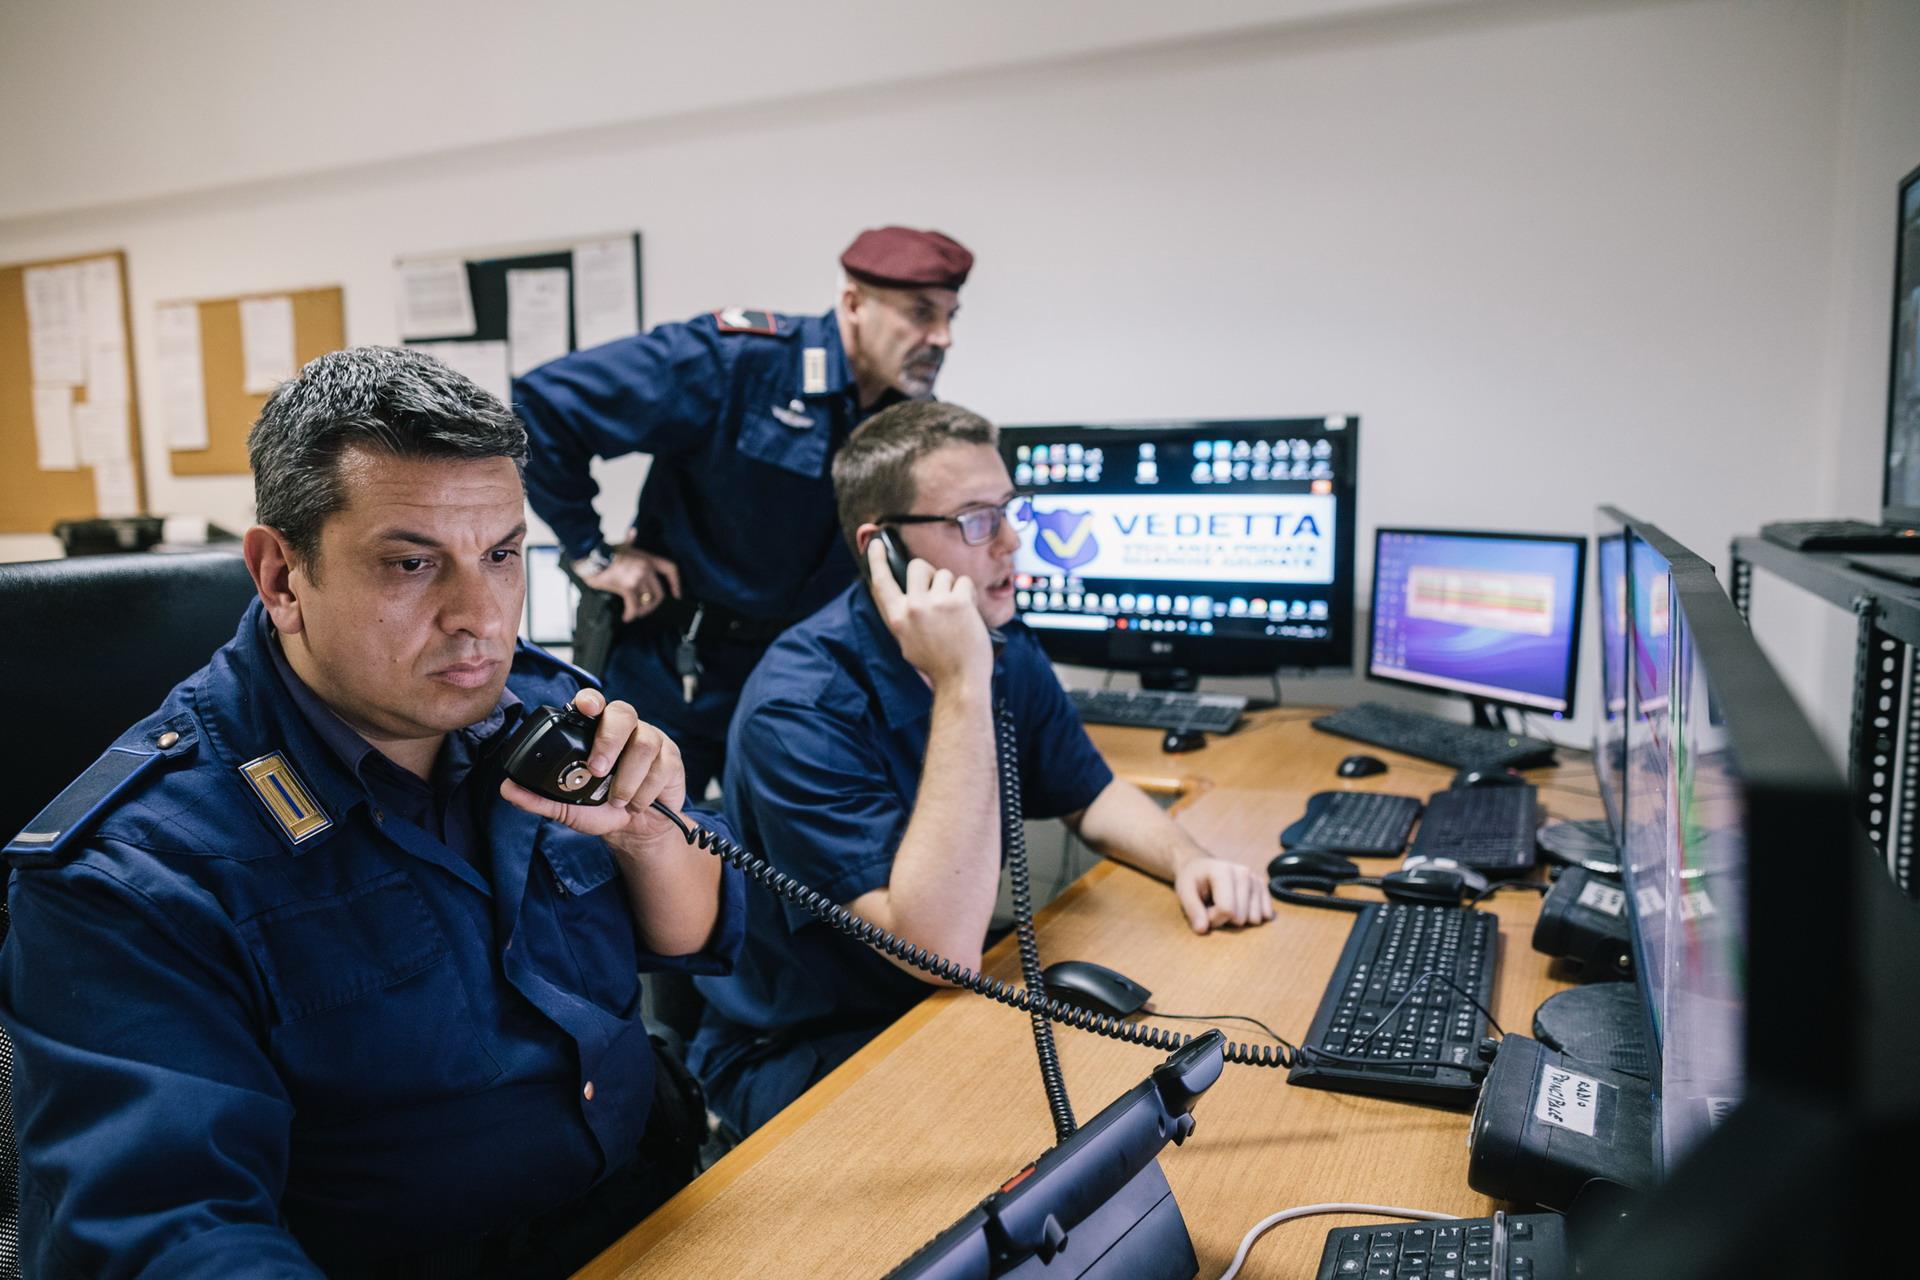 Guardie giurate specializzate,controllo Asti, Protezione Asti manutenzione ed aggiornamenti di sistema post-installazione